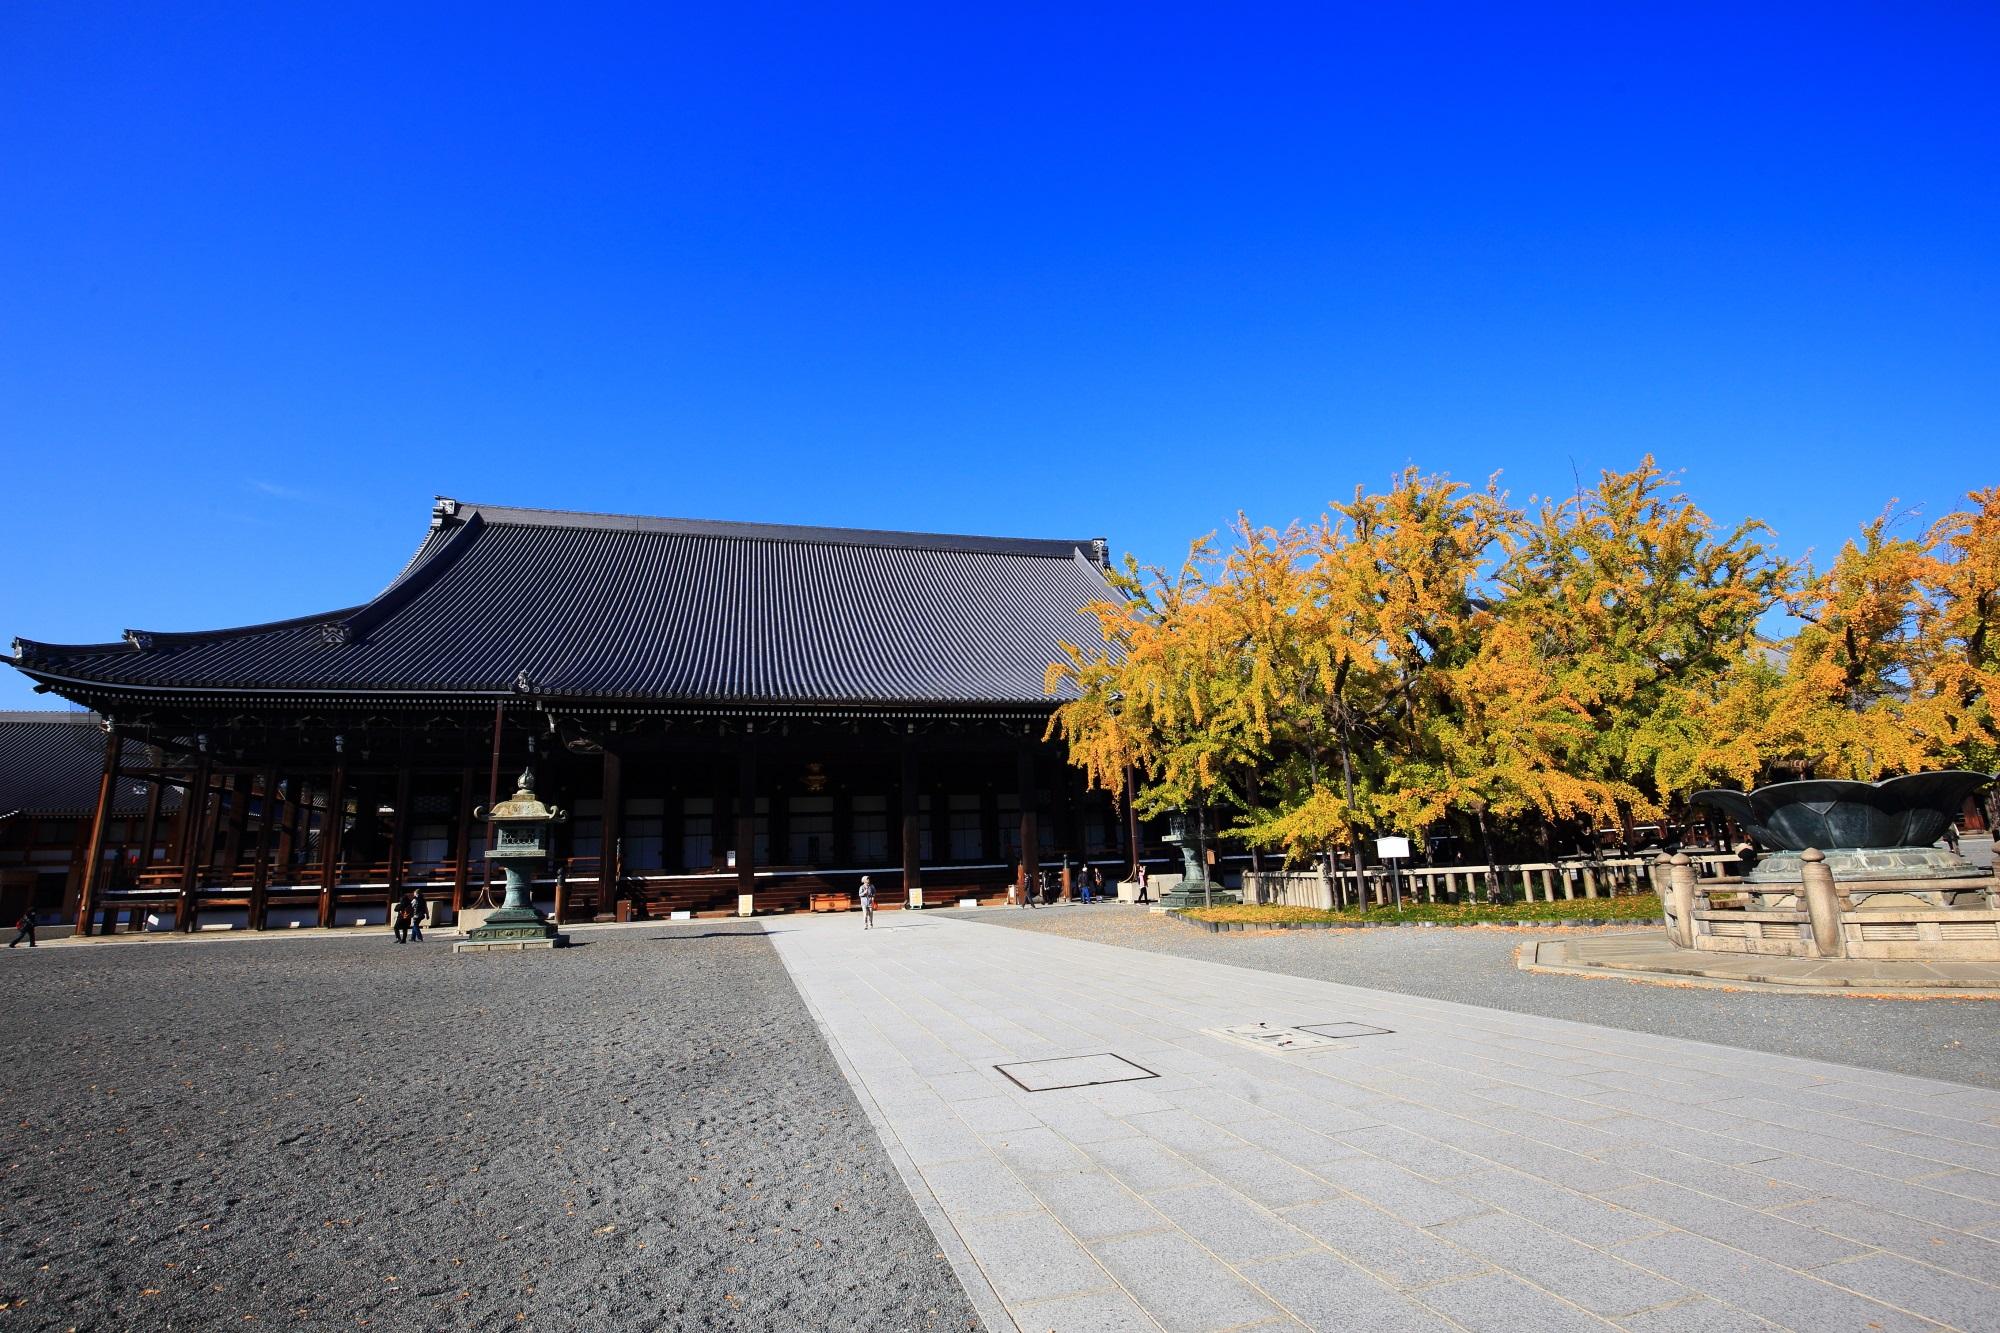 銀杏の名所の西本願寺の御影堂と逆さ銀杏